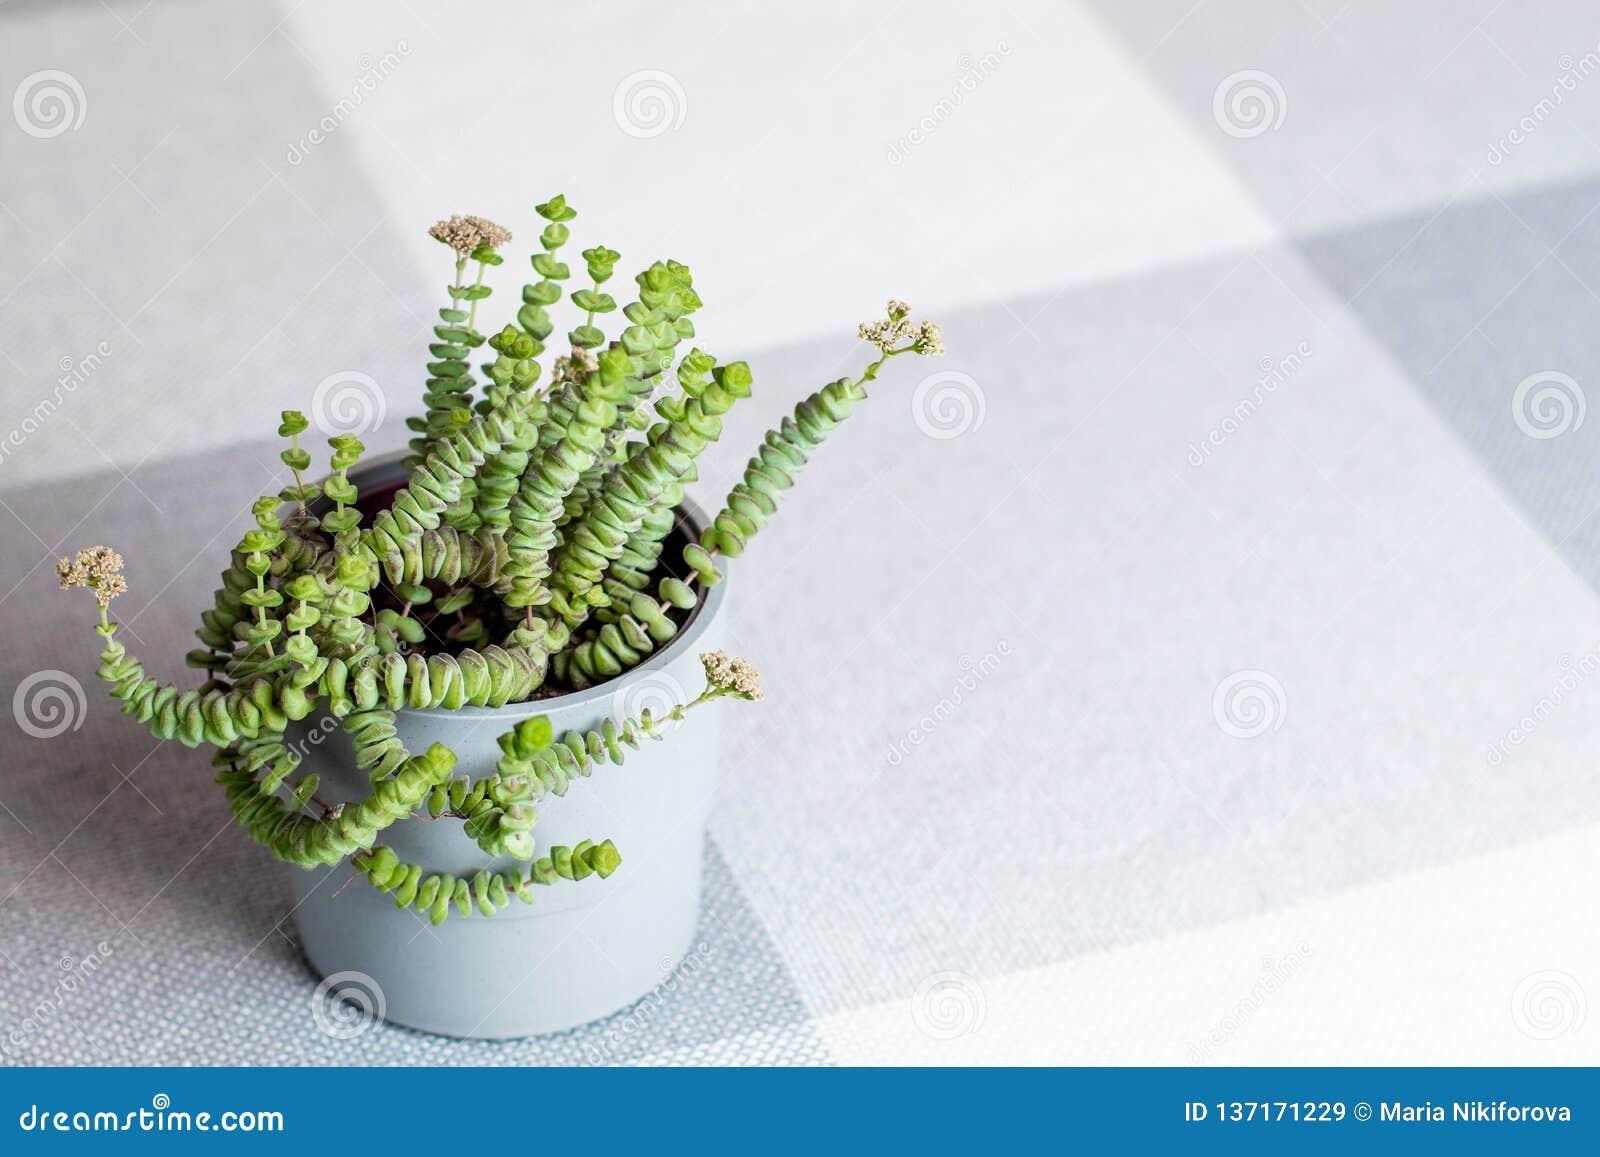 Fleur verte, Crassula Nealeana, usine succulente rare dans un pot gris, copyspace